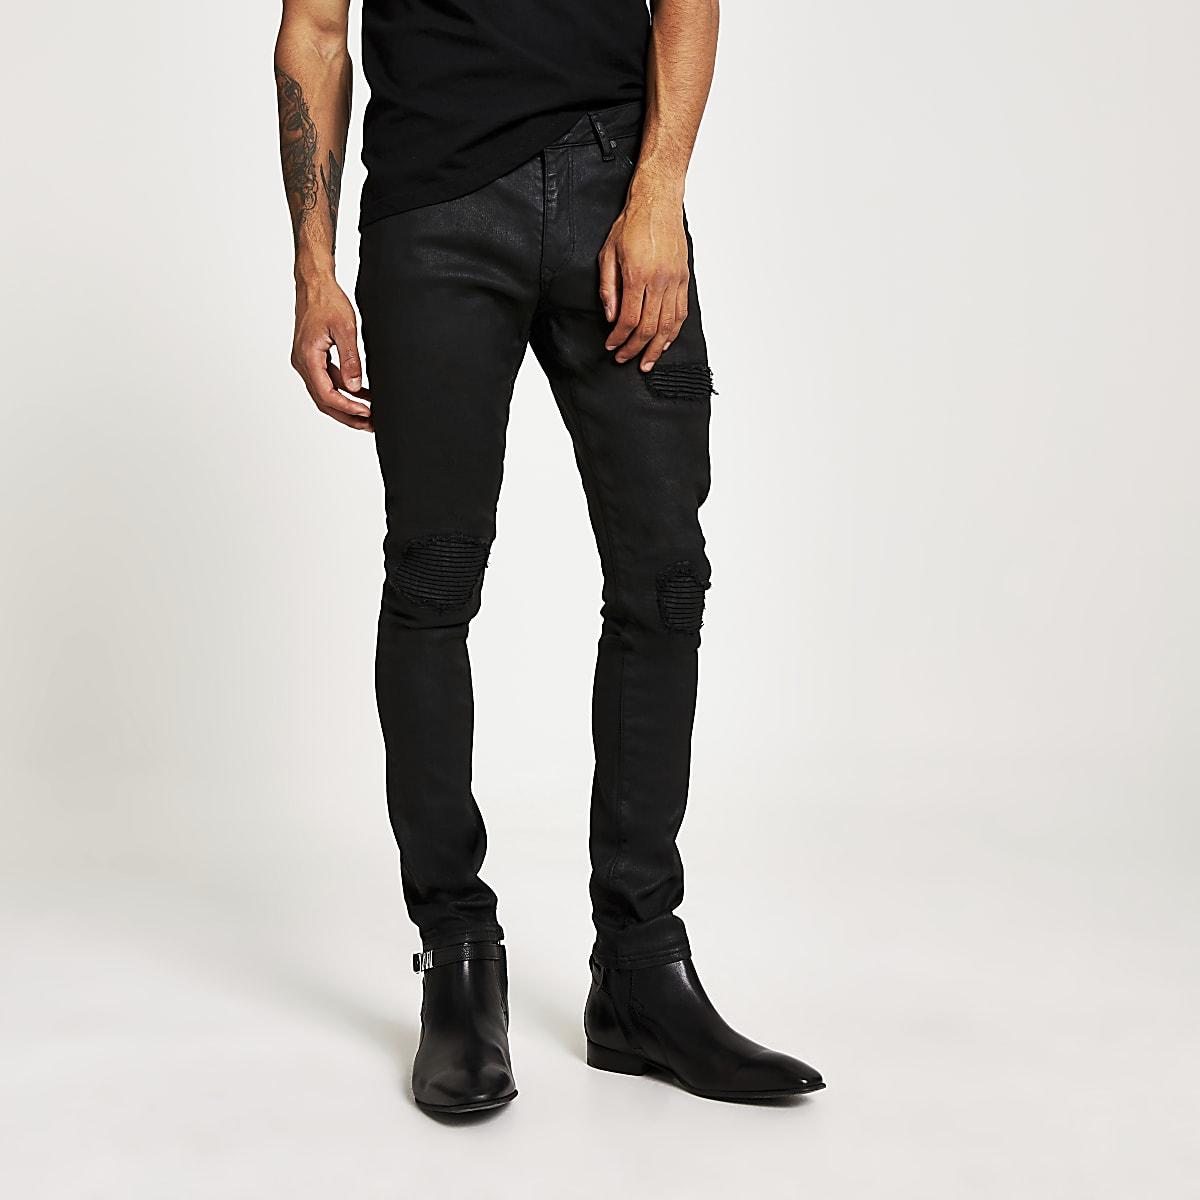 Danny - Zwarte superskinny bikerjeans met coating